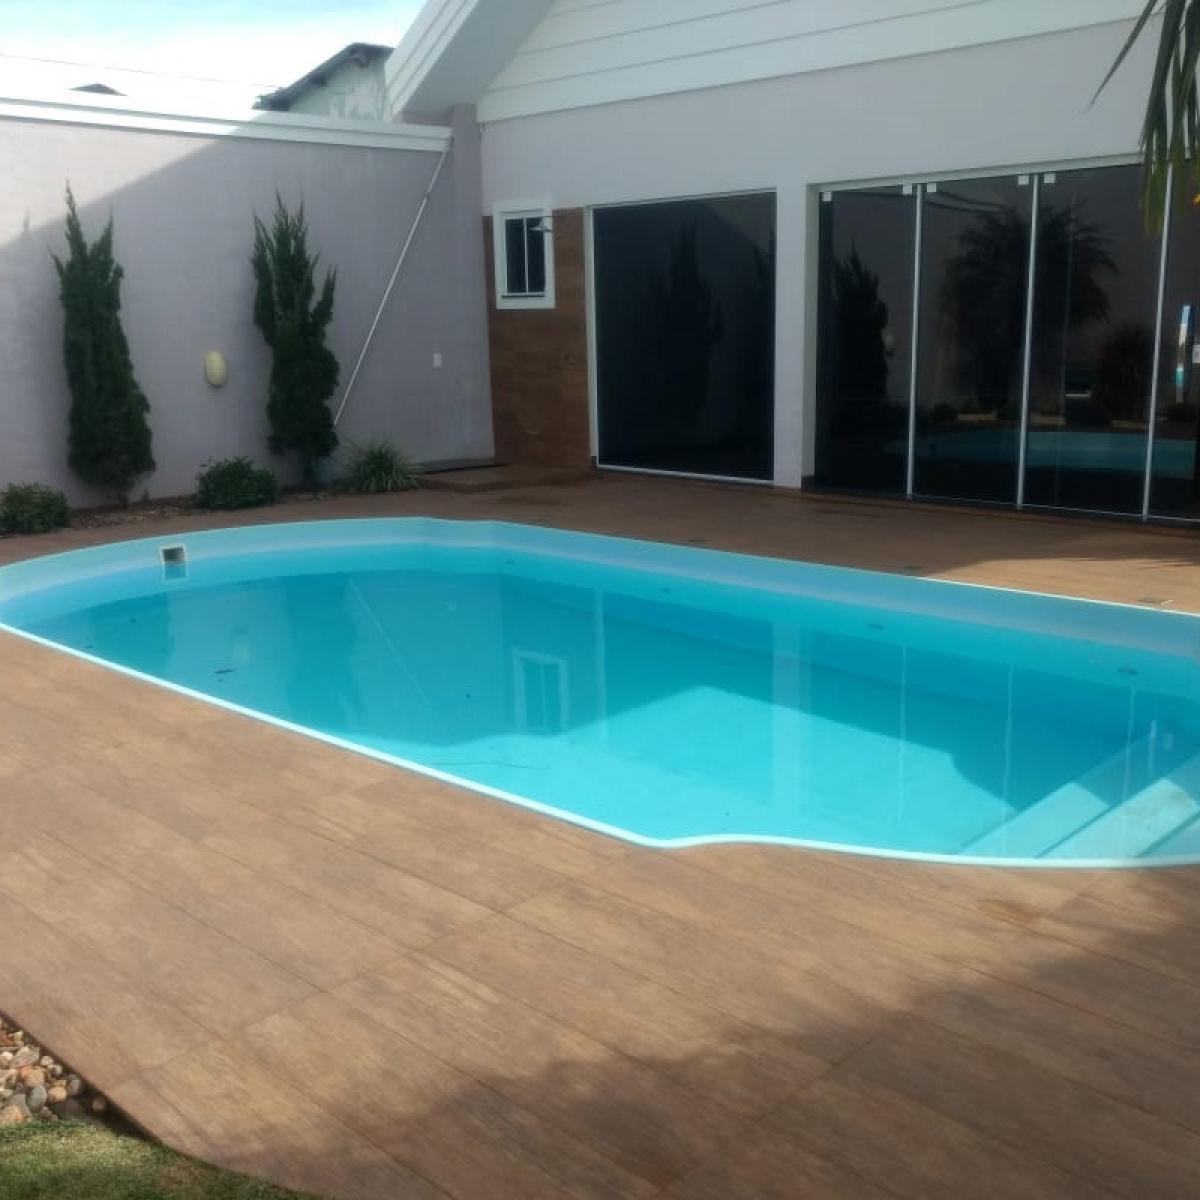 Imagens: Principais Motivos para construir uma piscina no Inverno